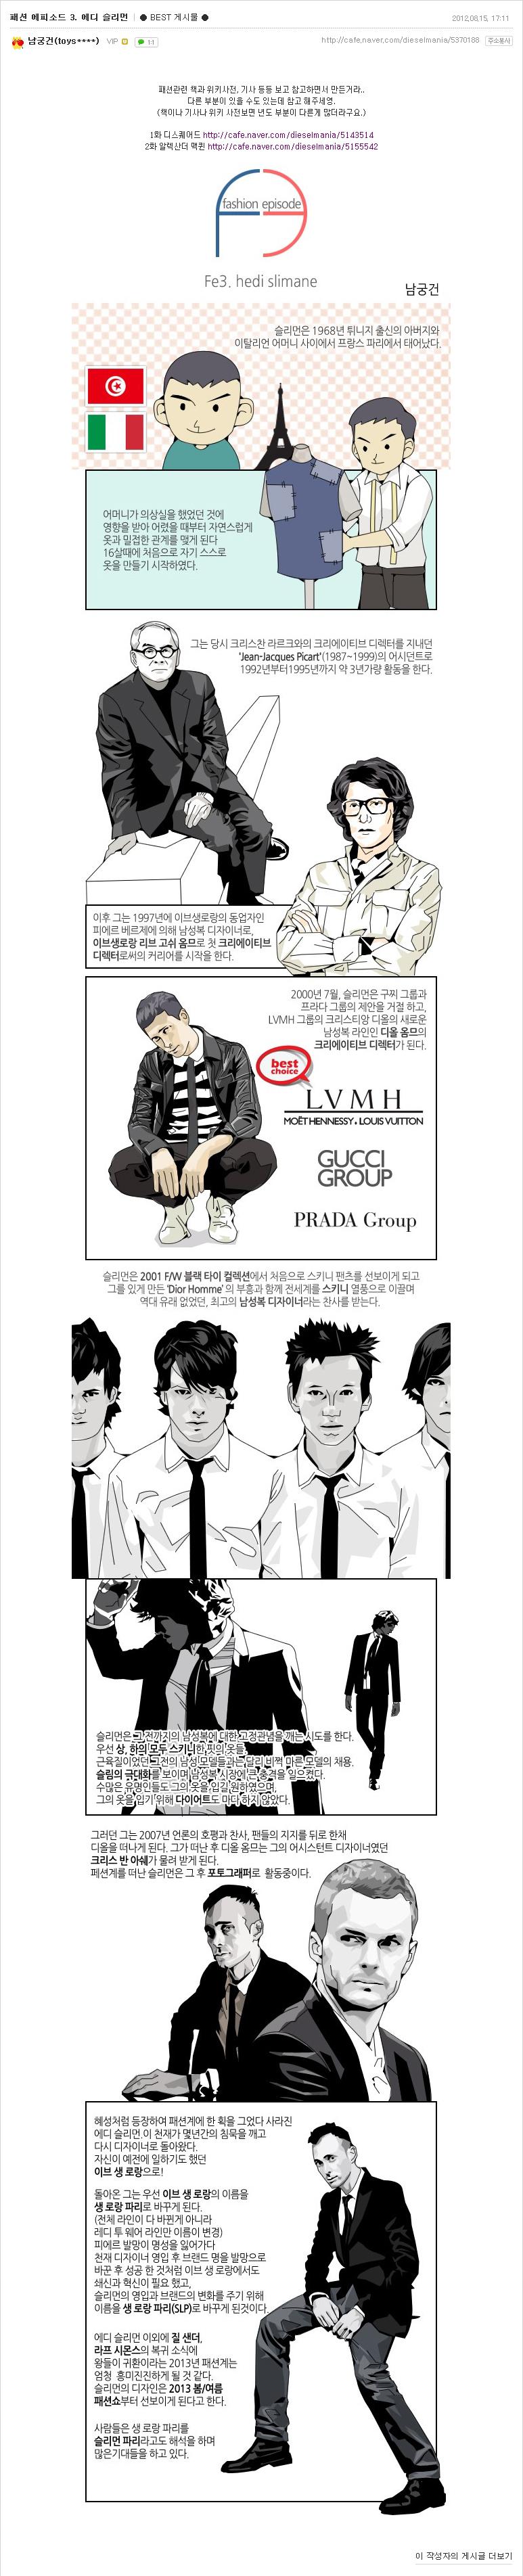 패션에피소드3. 에디슬리먼